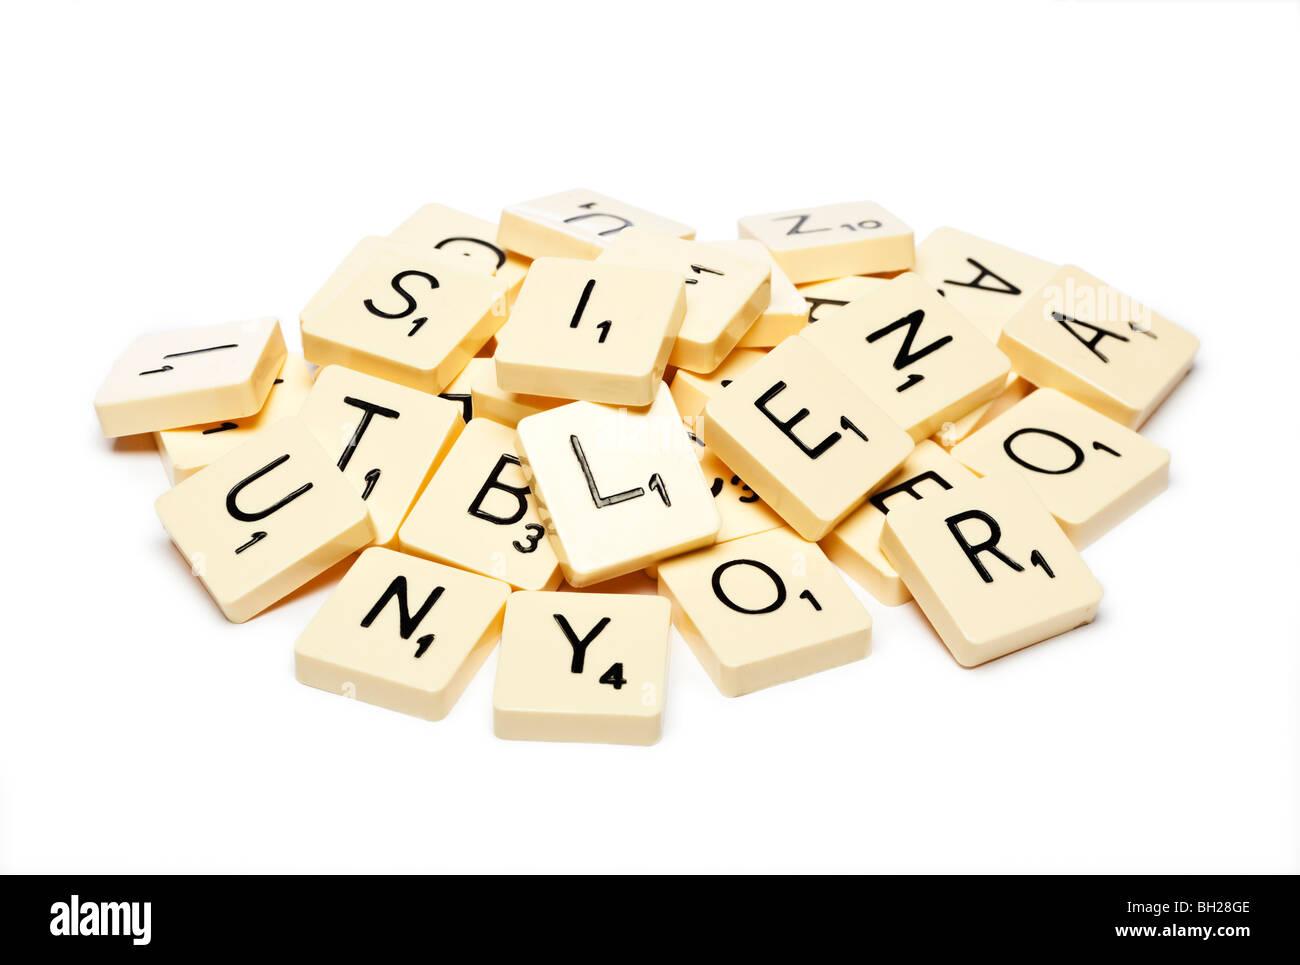 Fichas de Scrabble Imagen De Stock